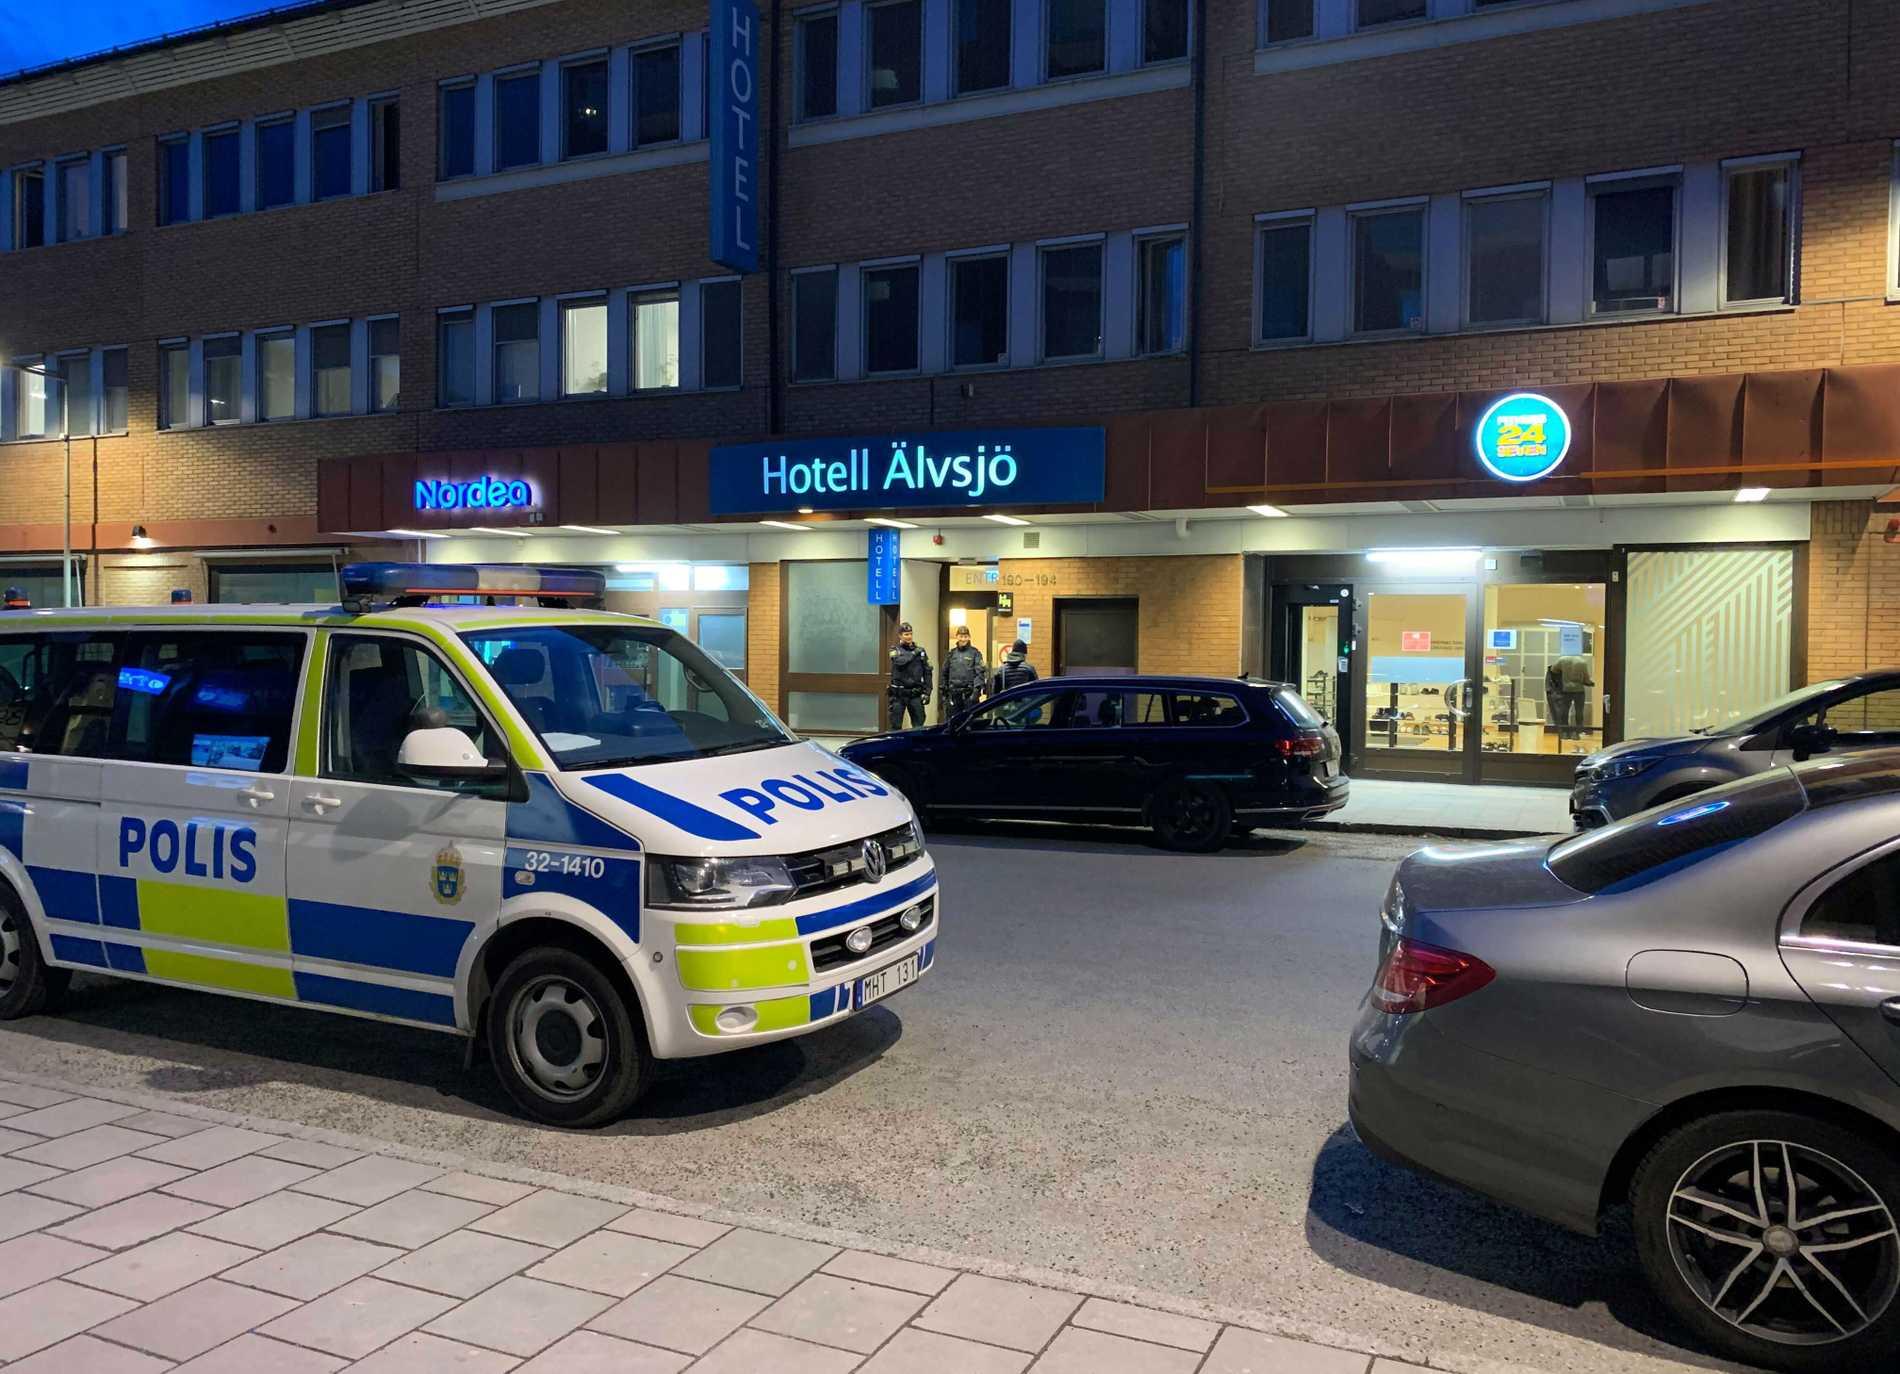 Polisinsats vid hotell i Älvsjö, Stockholm, på onsdagskvällen.